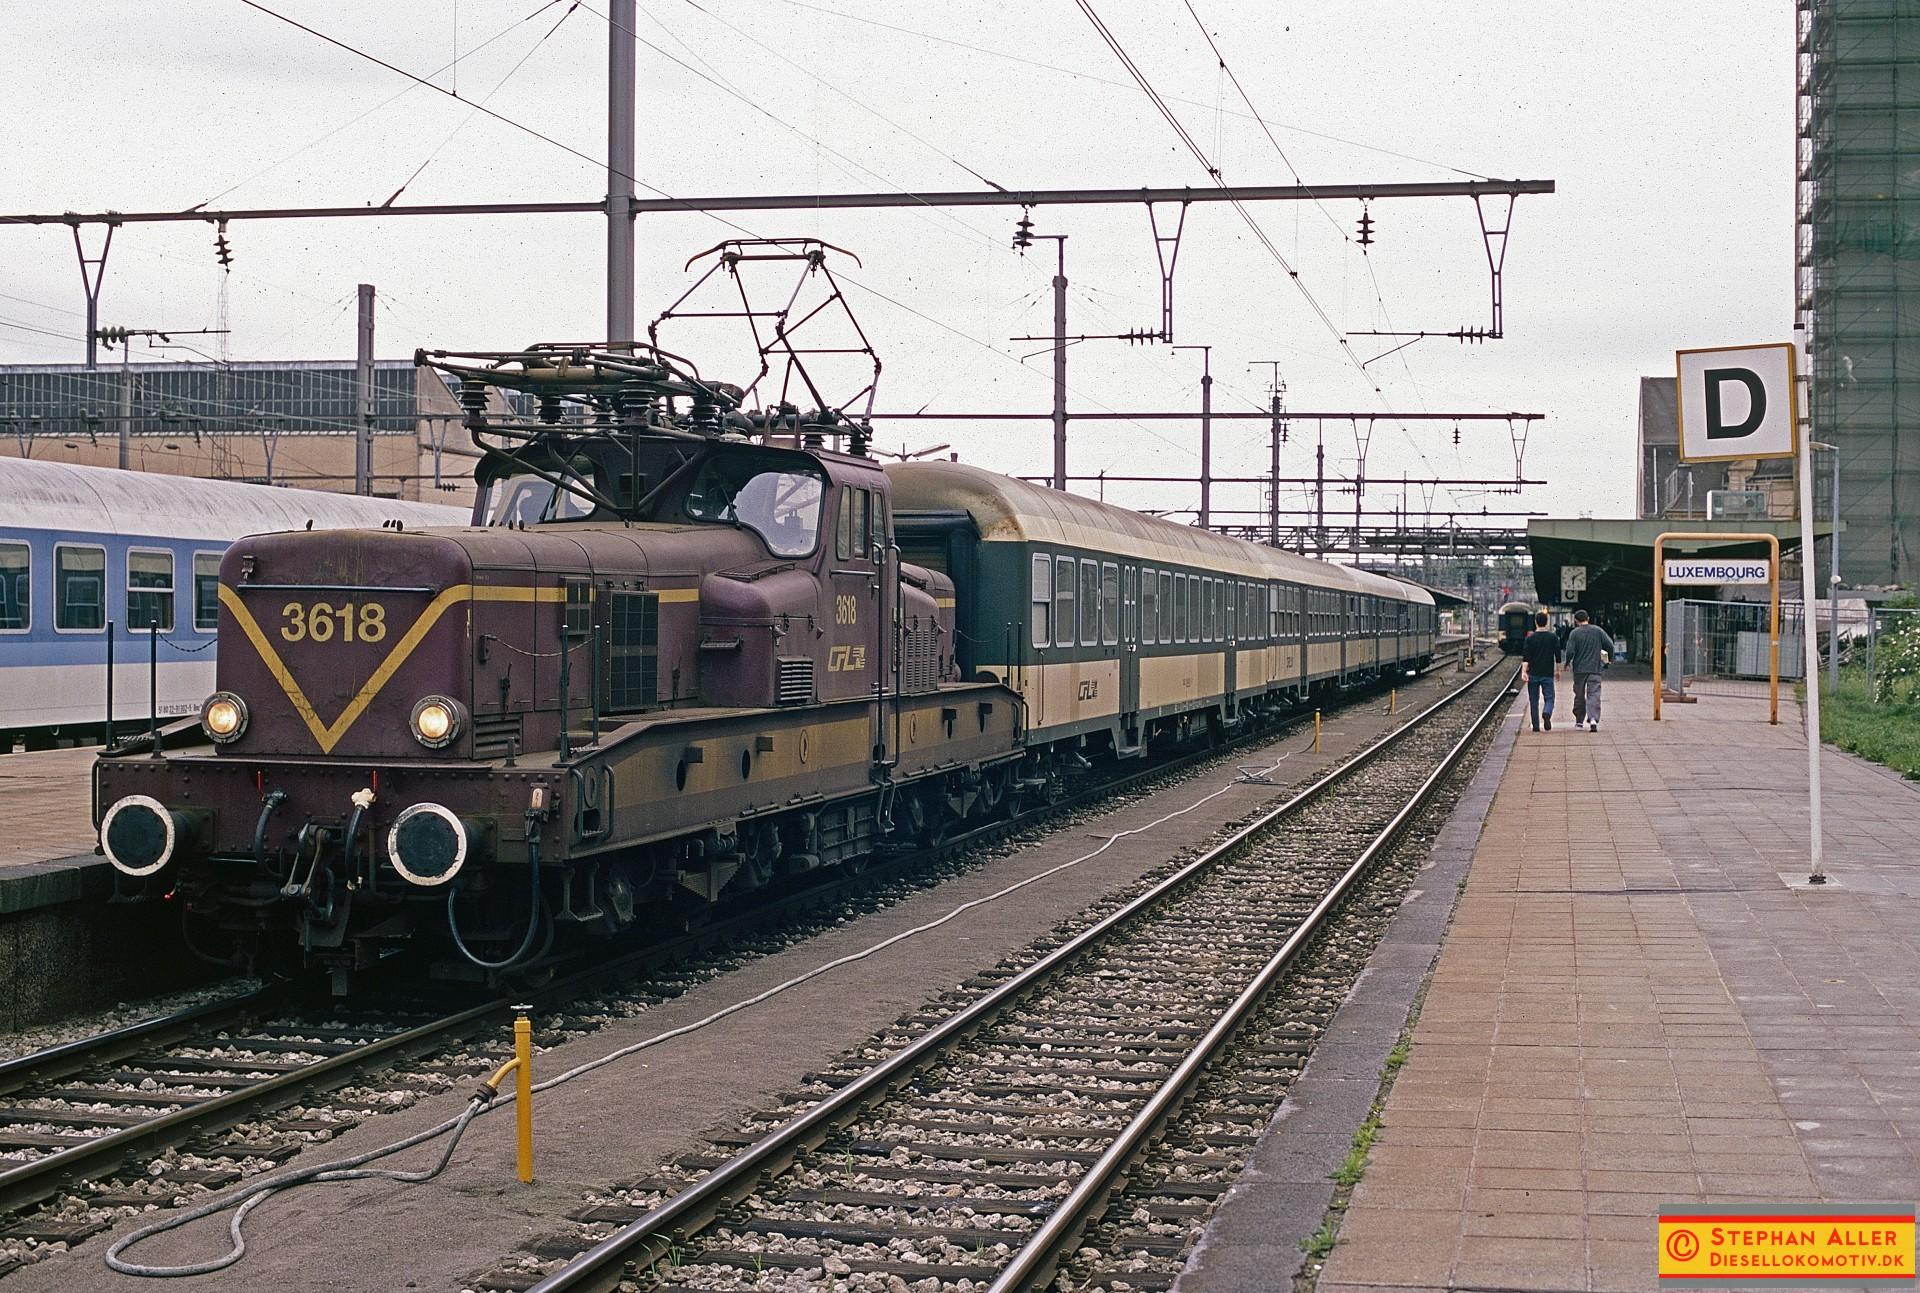 FP4580r